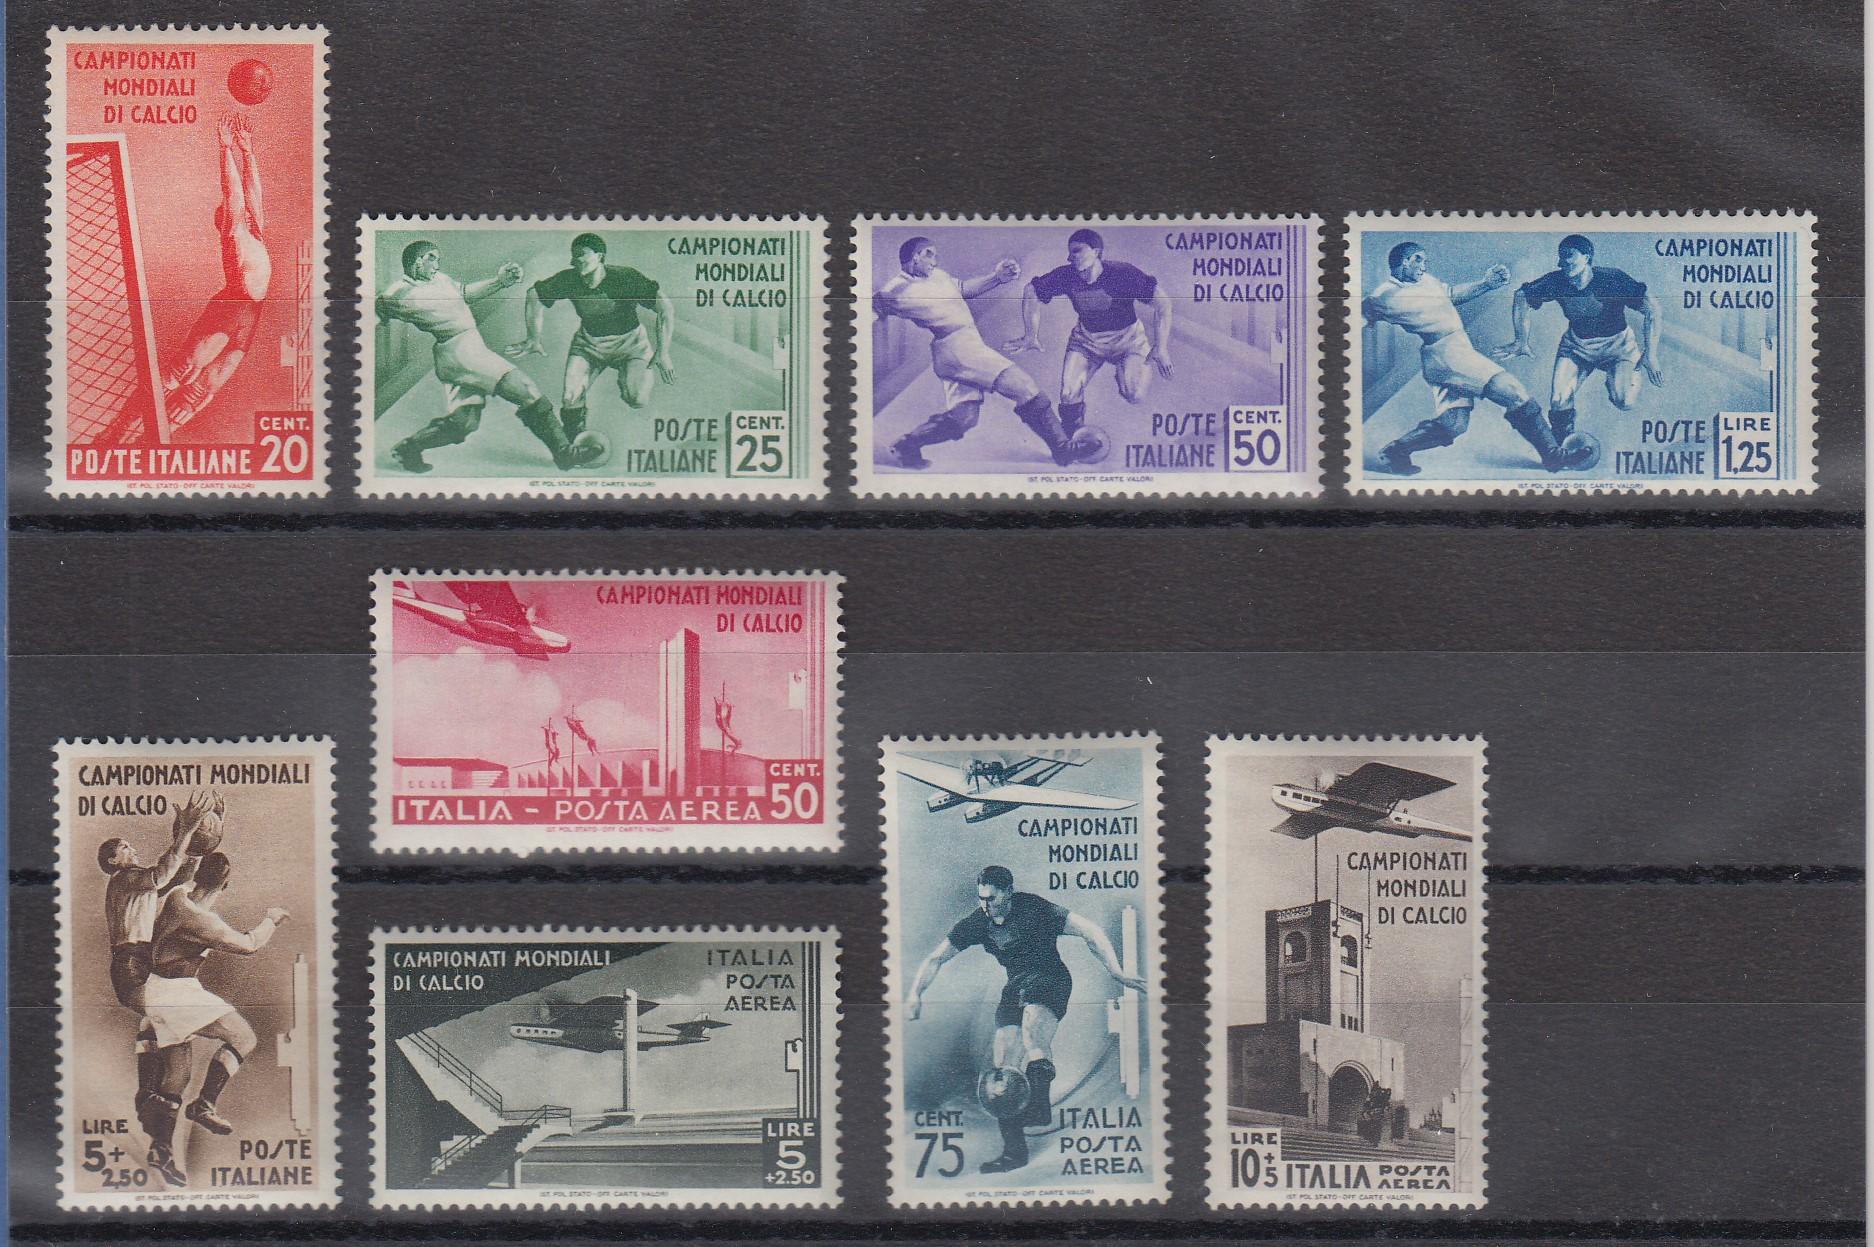 Zypern Zypern Michelnummer 510 Postfrisch Europa europa:6933